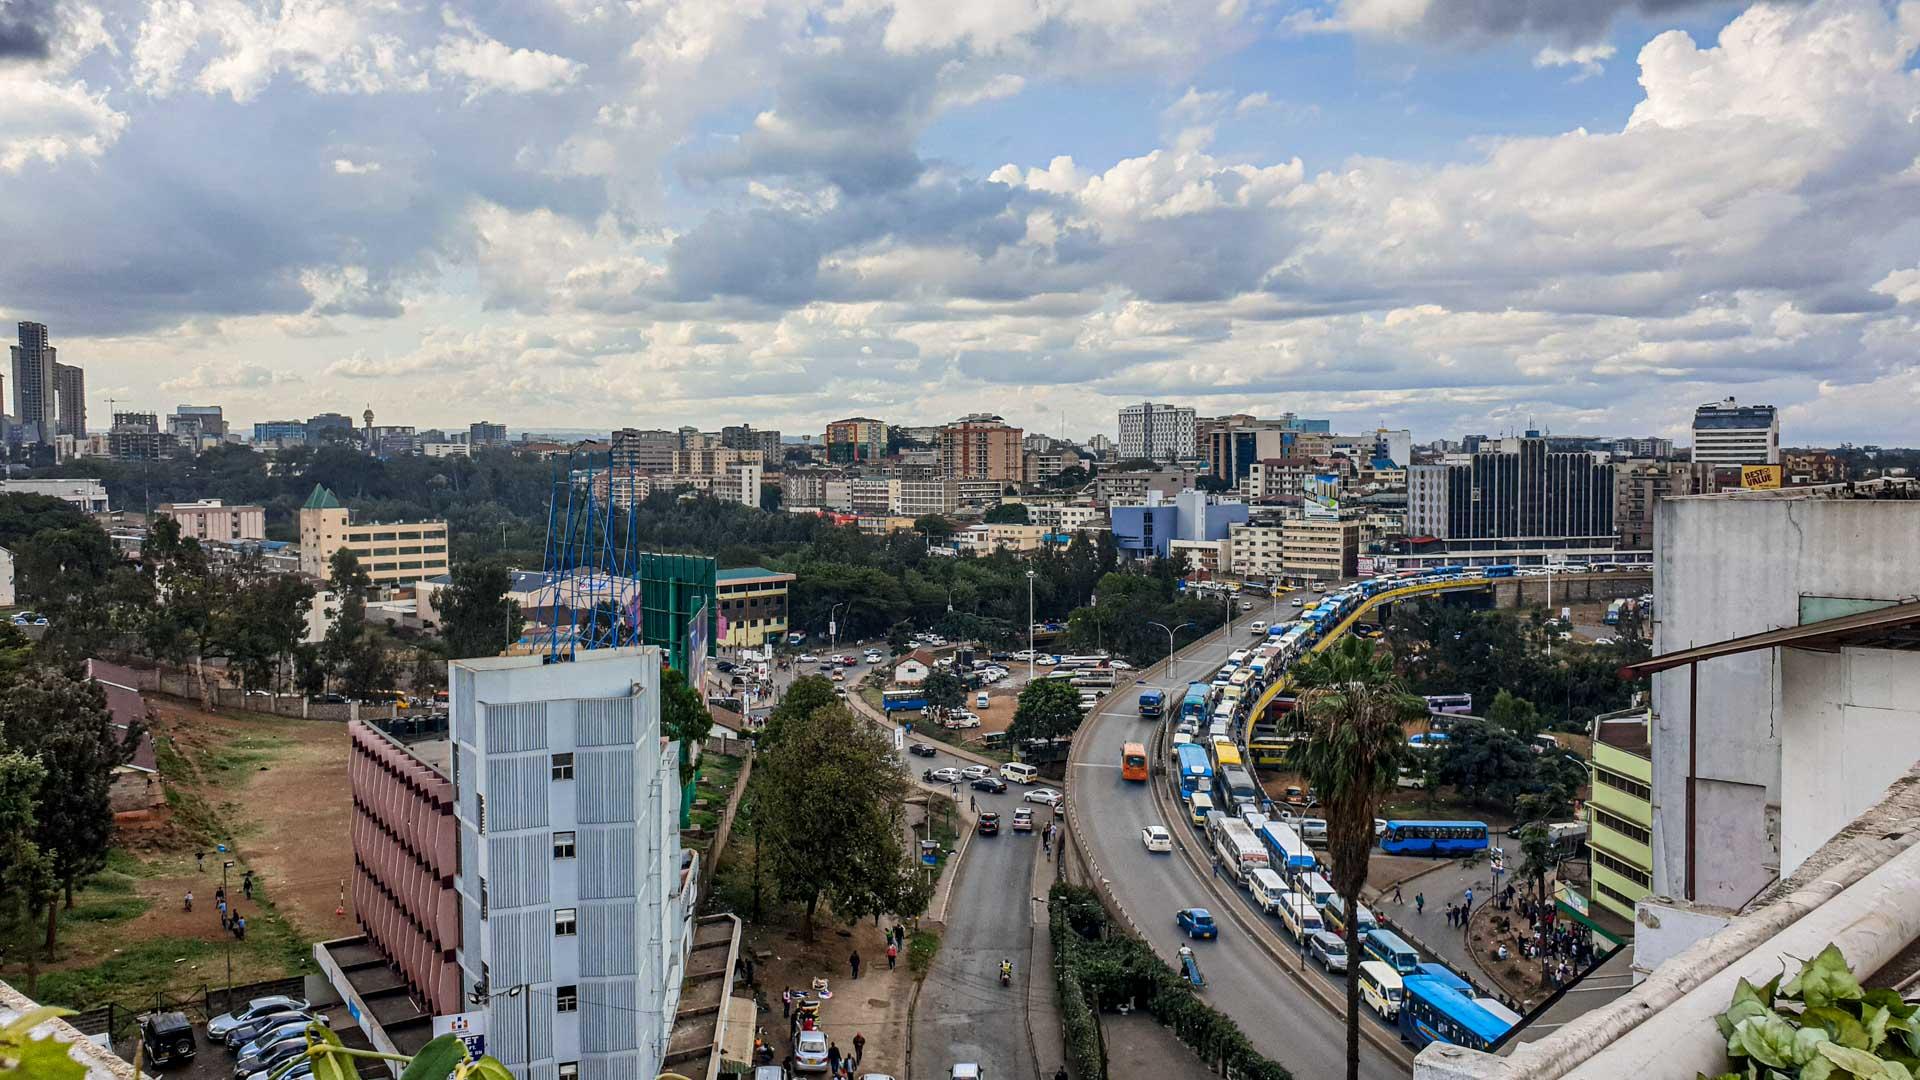 Vistas de Nairobi desde el Hotel Best Western Plus Meridian, Nairobi, Kenia